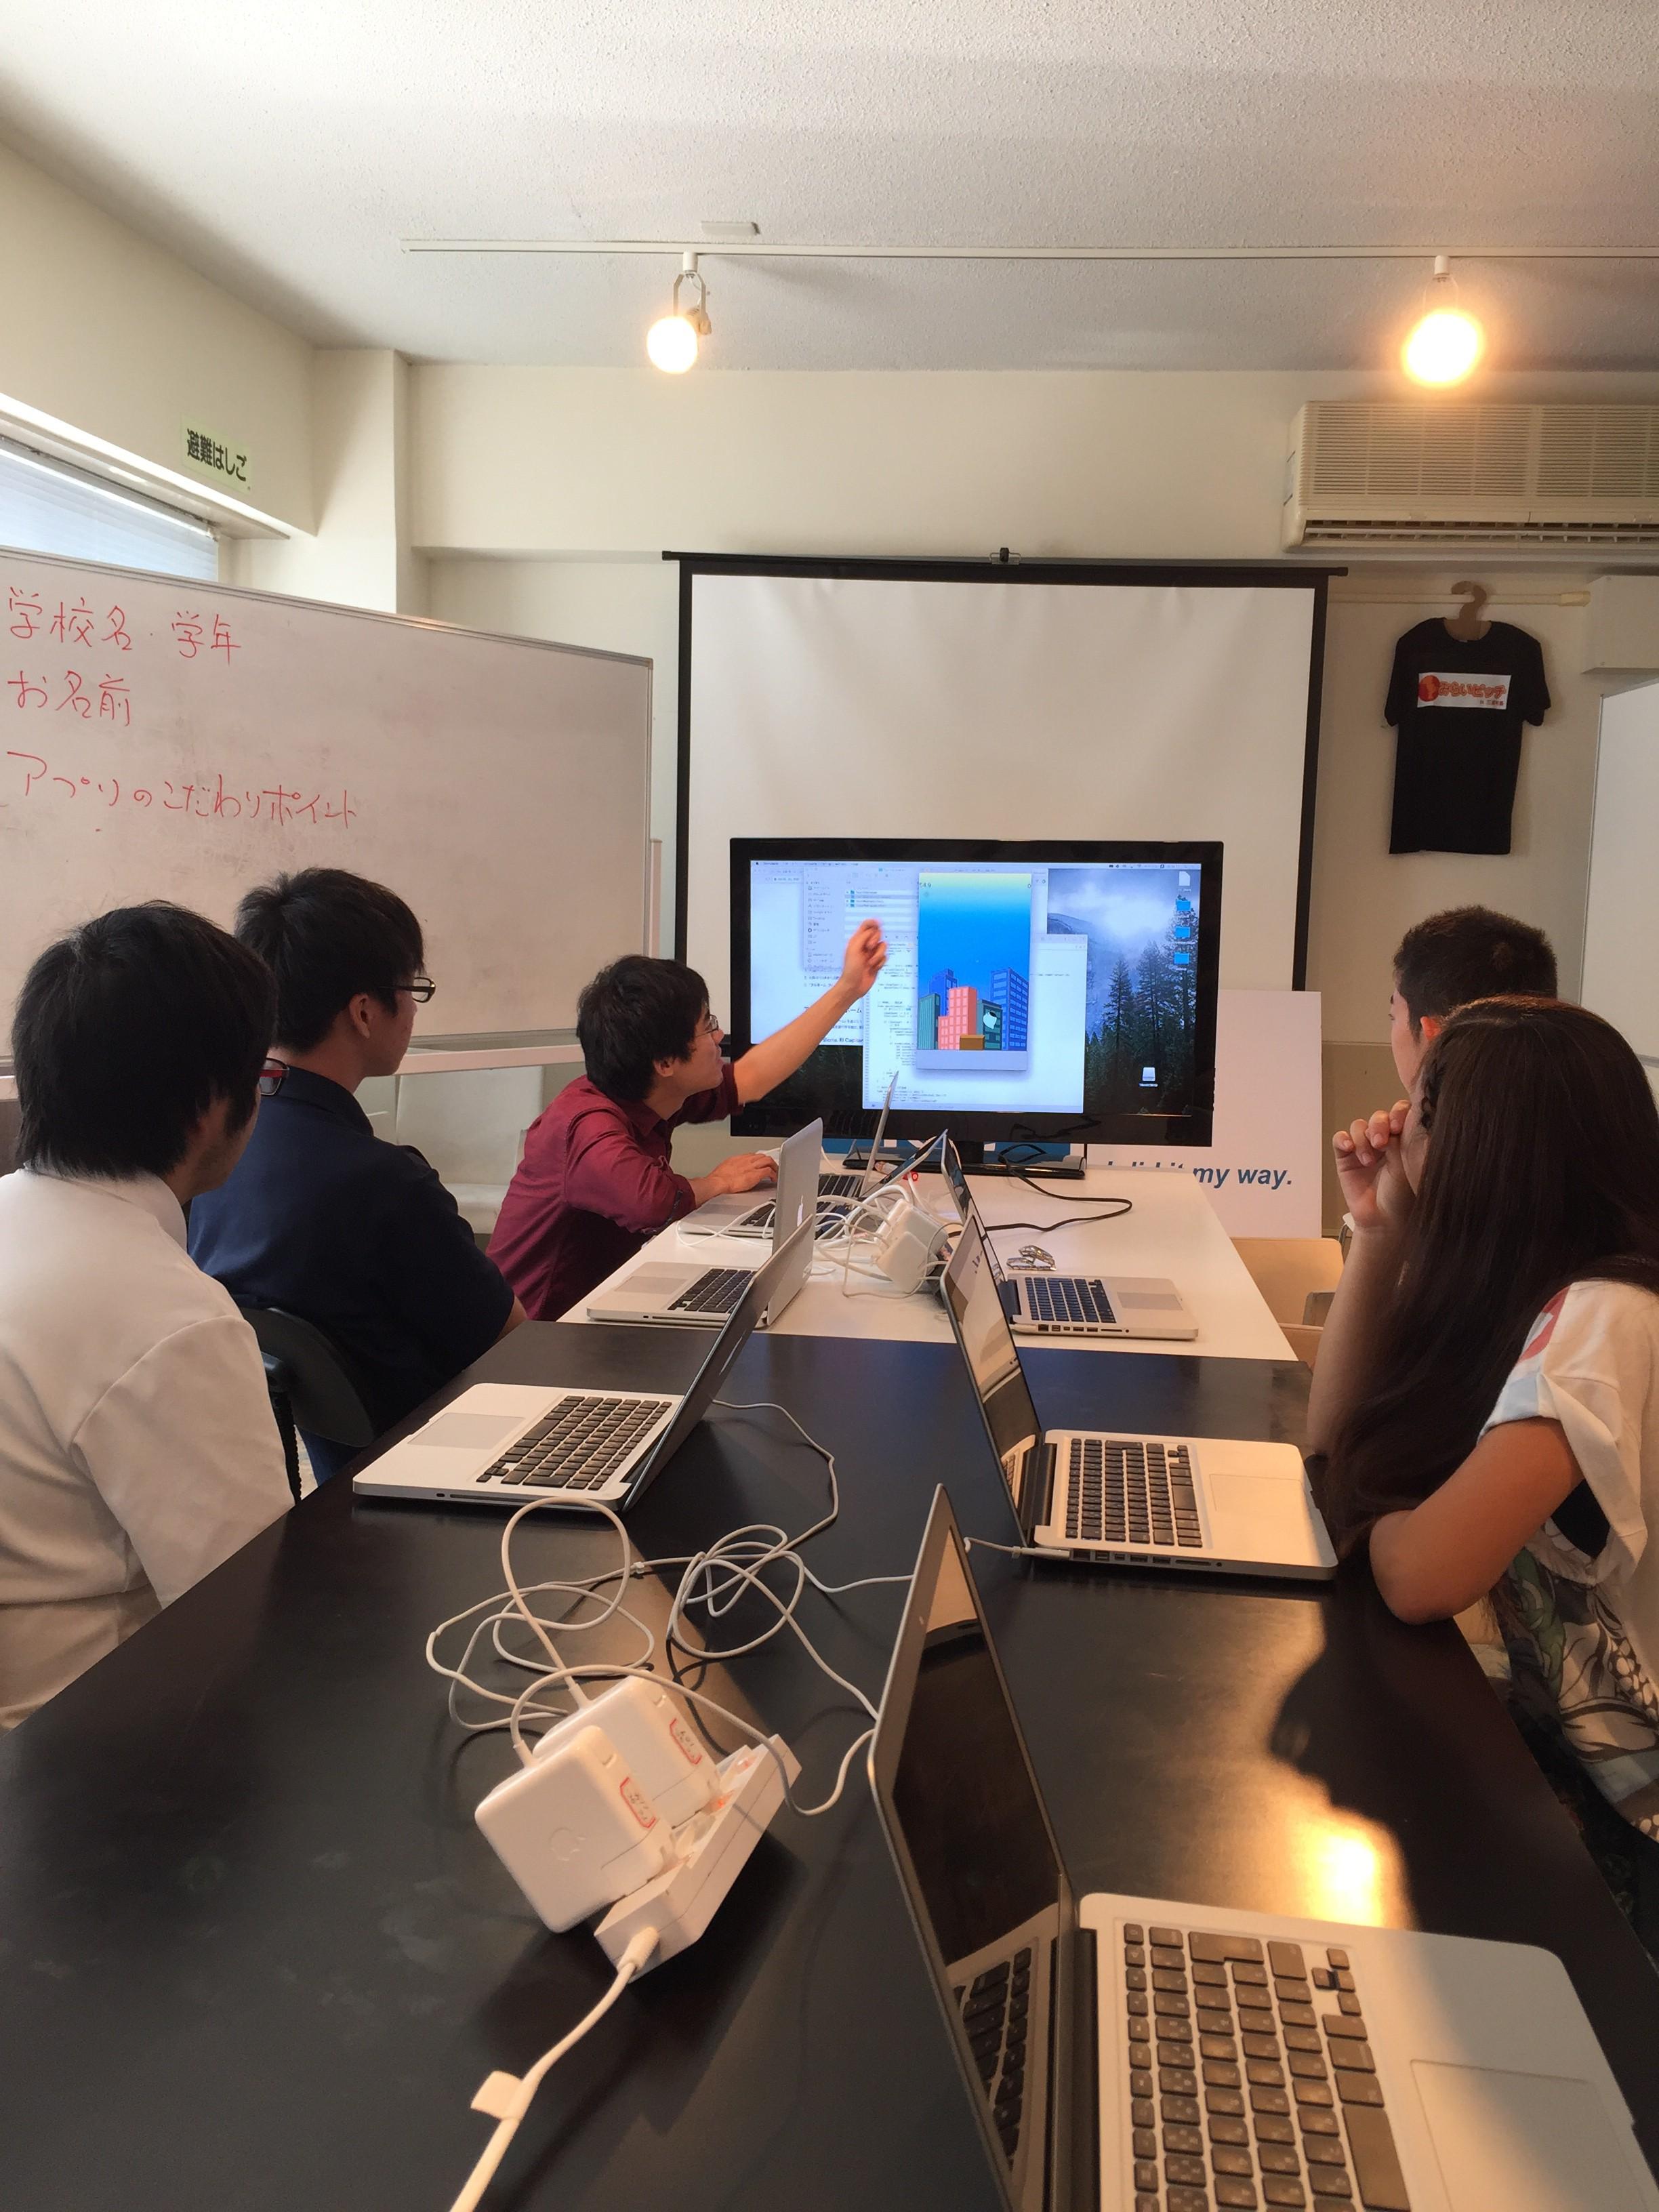 ヨコスカプログラミングスクール第一回開講!